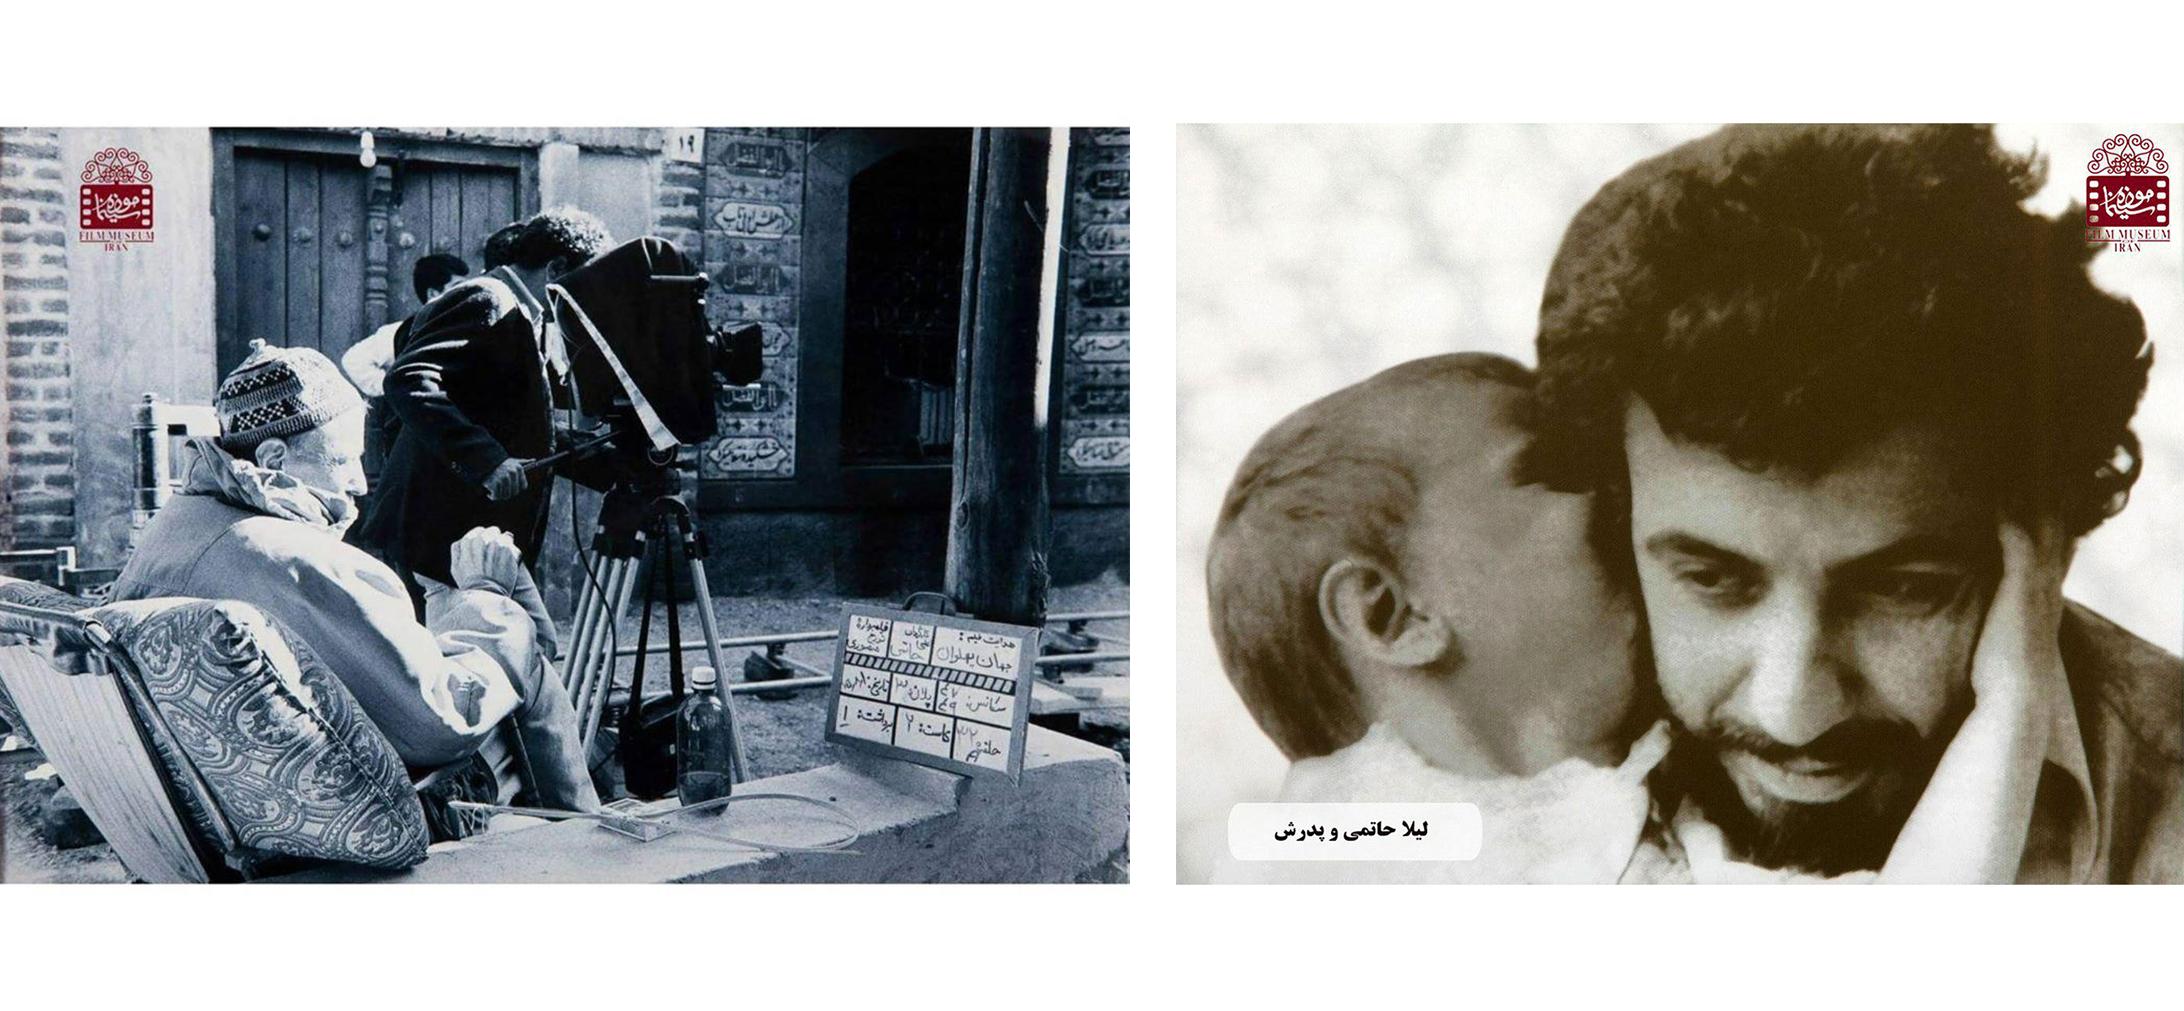 عکسهای کمتر دیدهشده از علی حاتمی در پشتصحنه فیلمها (بخش سوم) | منبع: تاریخی موزه سینمای ایران